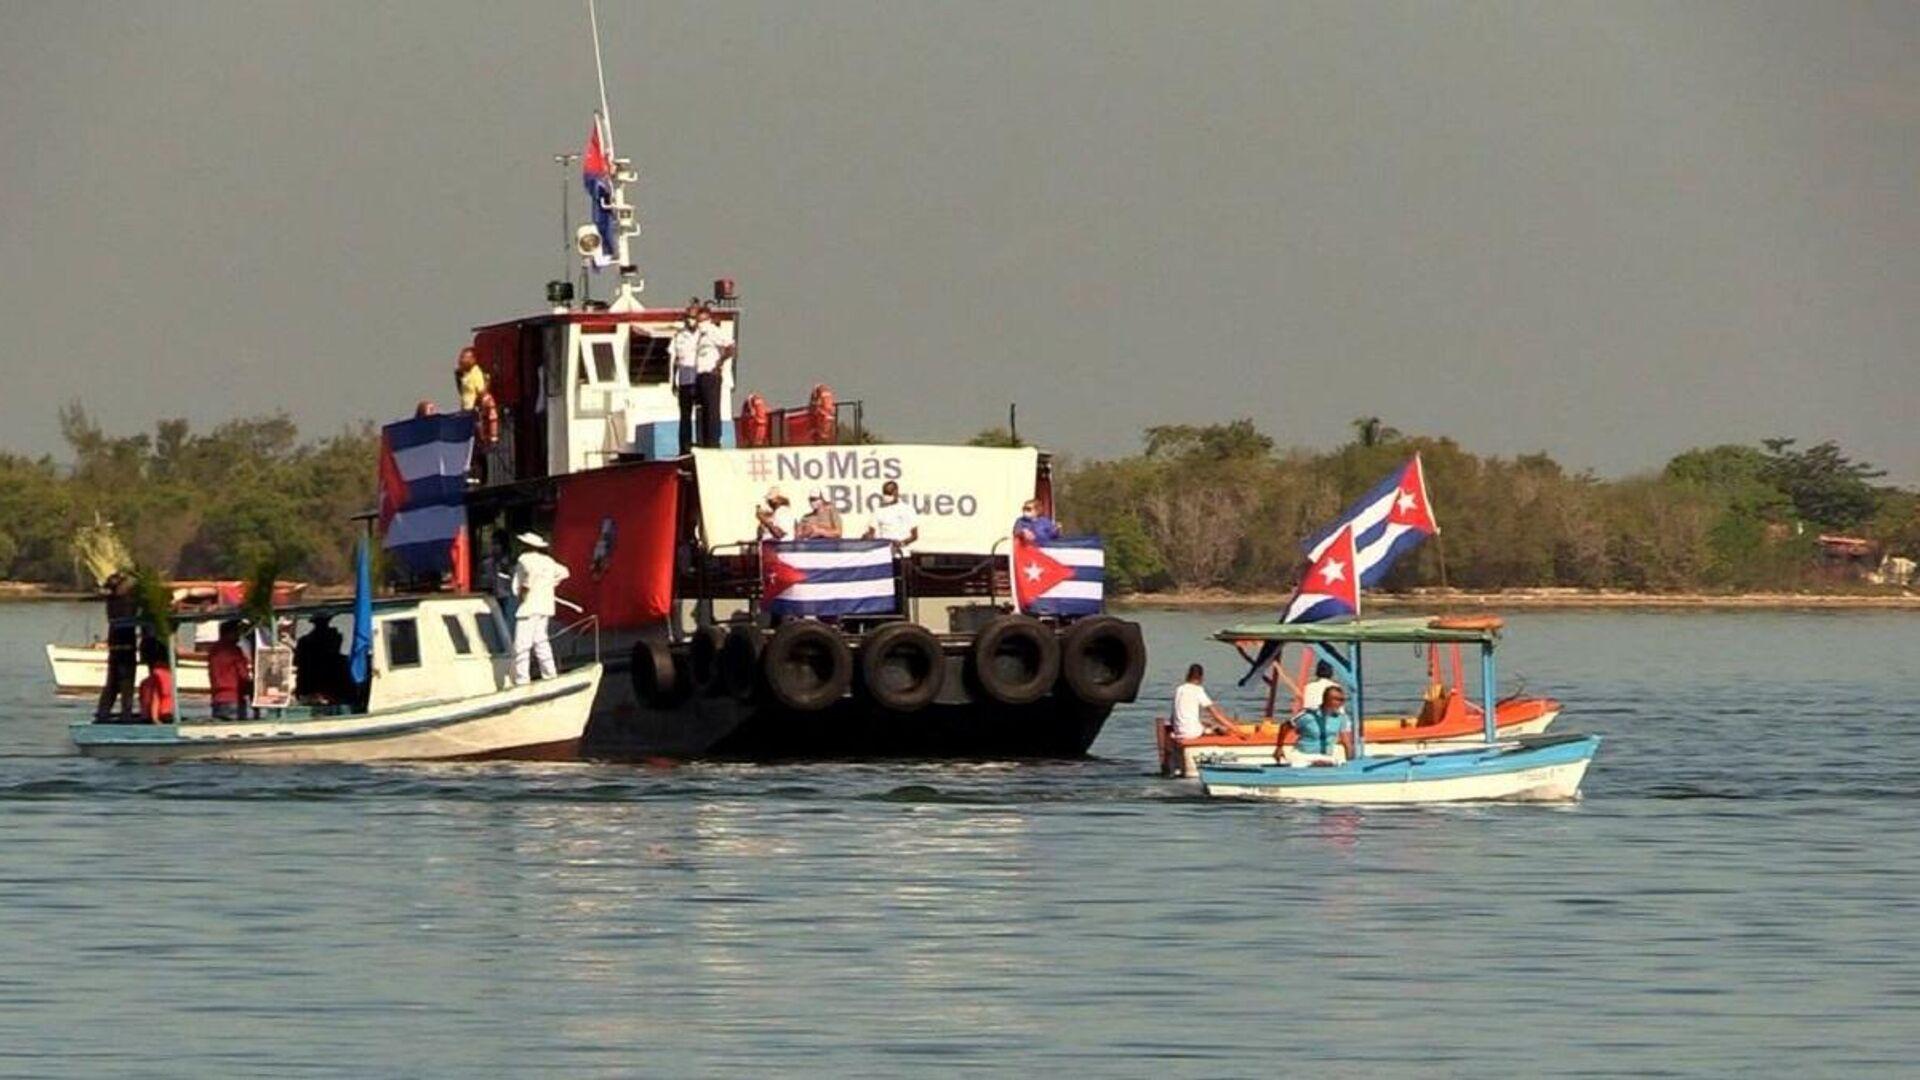 Regata contra el bloqueo, una de las iniciativas en Cienfuegos contra el bloqueo impuesto a Cuba por Estados Unidos - Sputnik Mundo, 1920, 01.06.2021